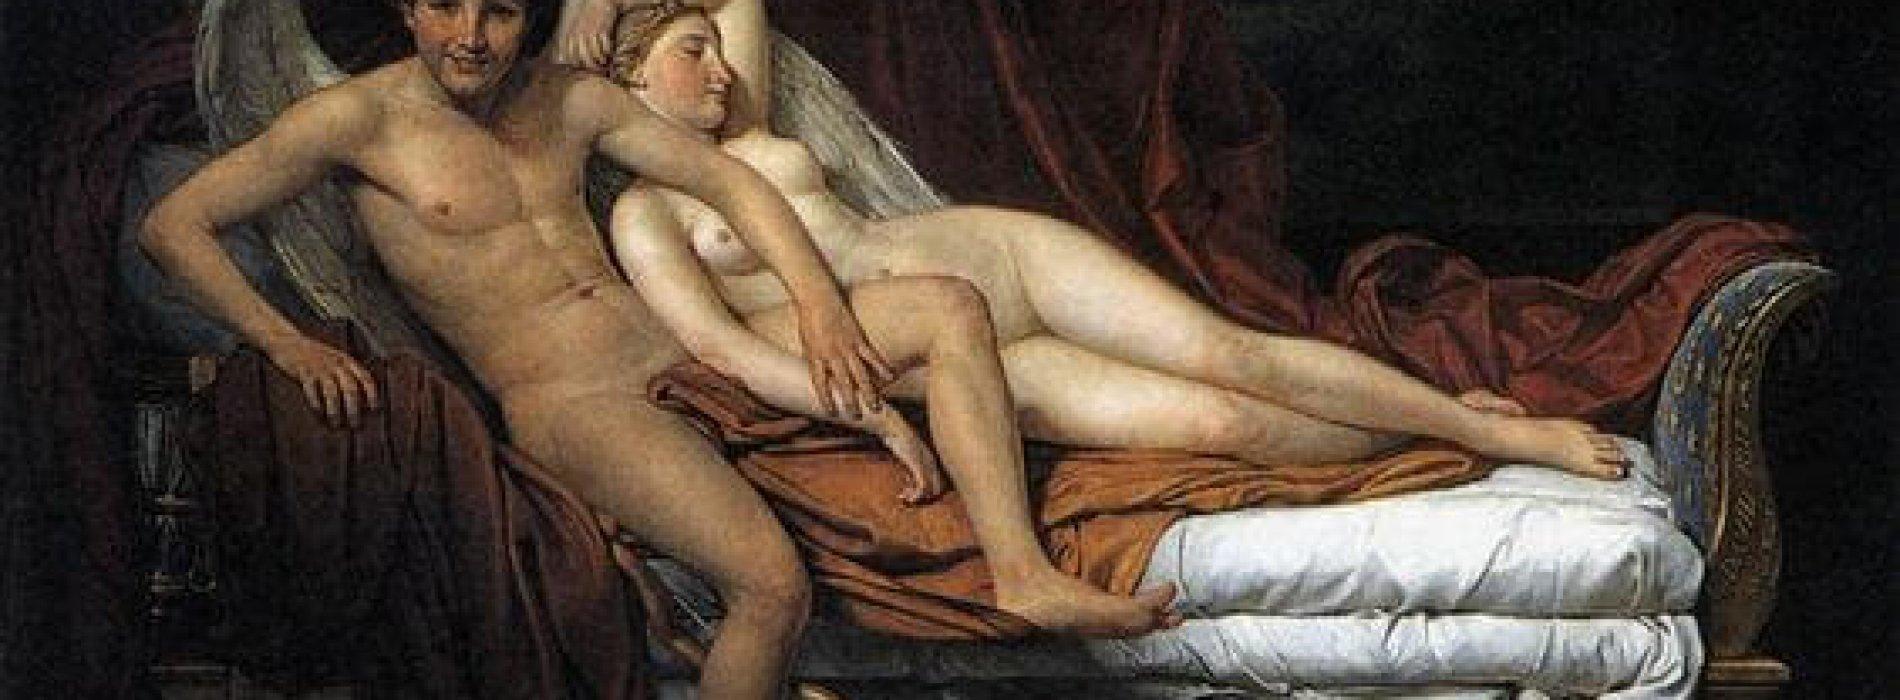 scene erotiche porno film erotici porno gratis